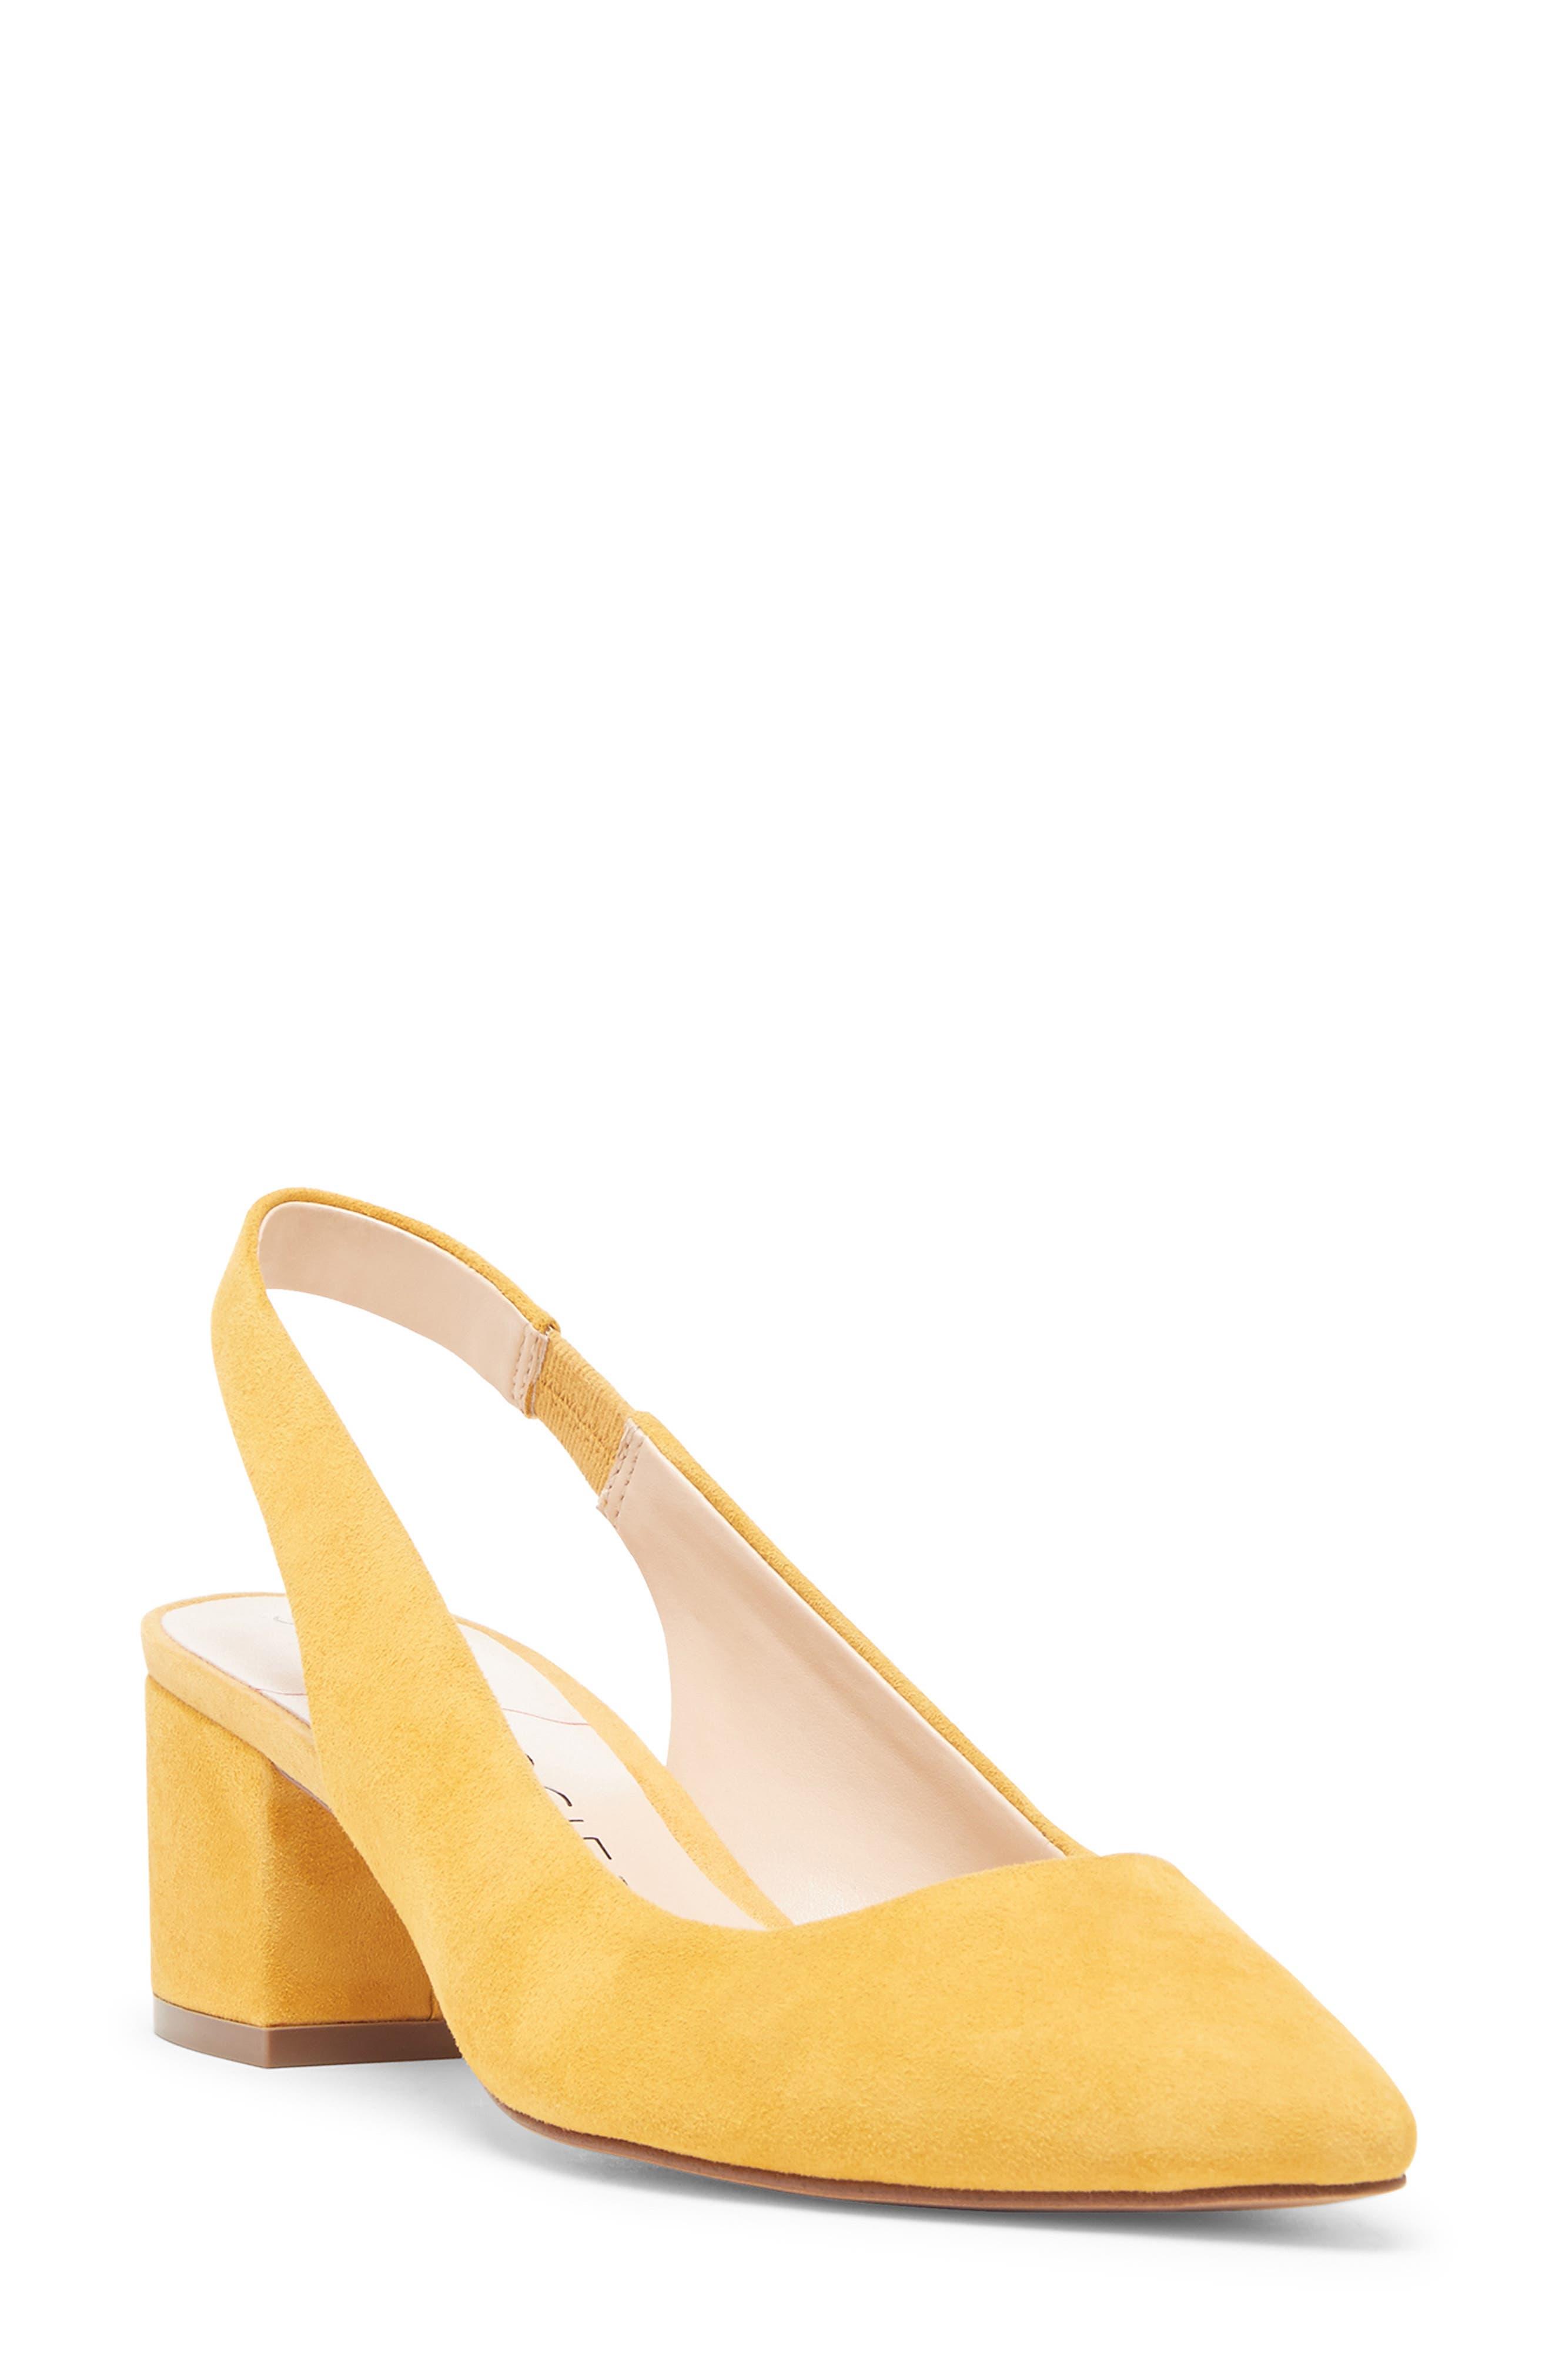 Sole Society Keilinah Slingback Pointy Toe Pump- Yellow